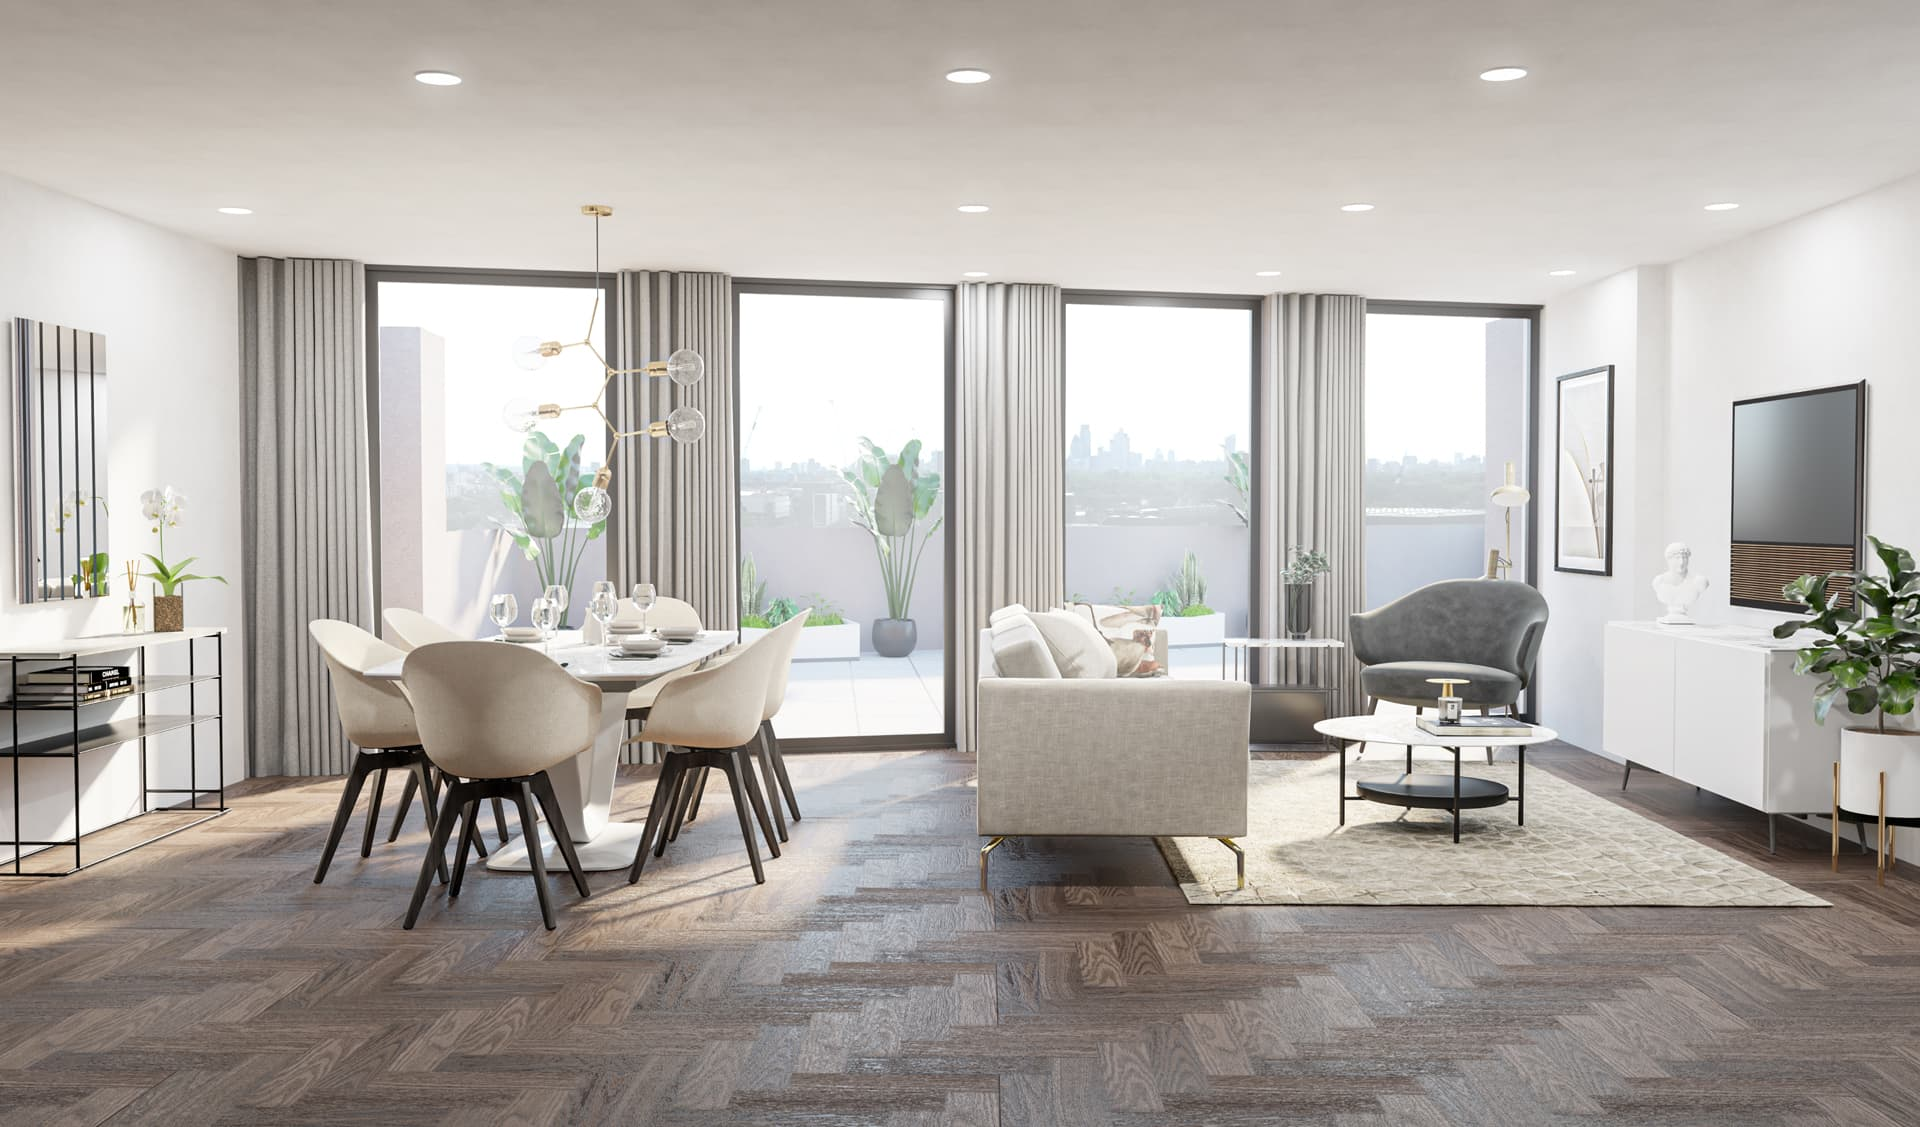 10/12 Living Room, Loft, Design Package